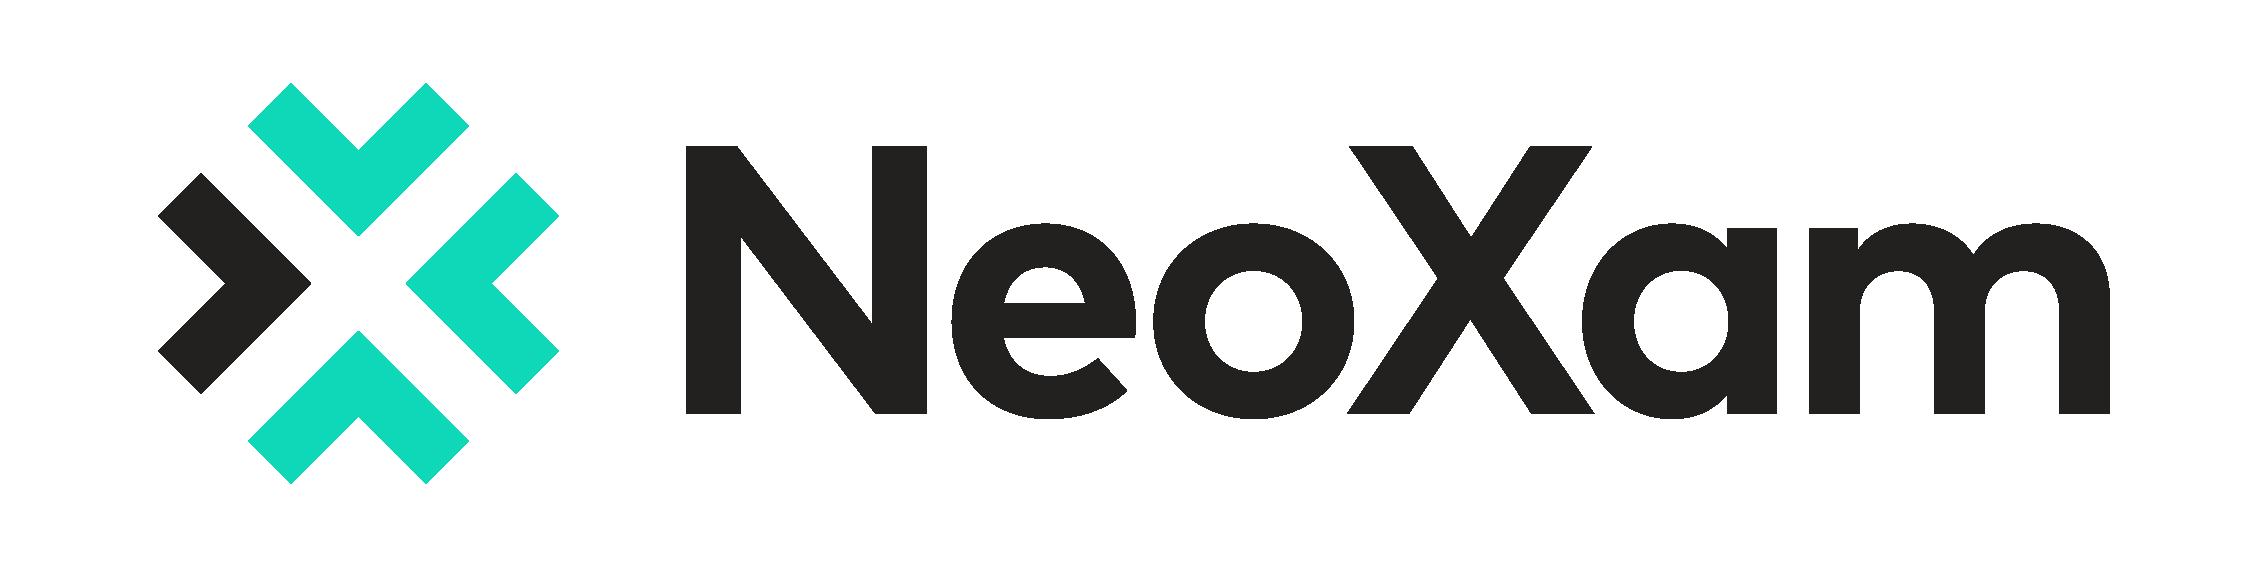 NEOXAM